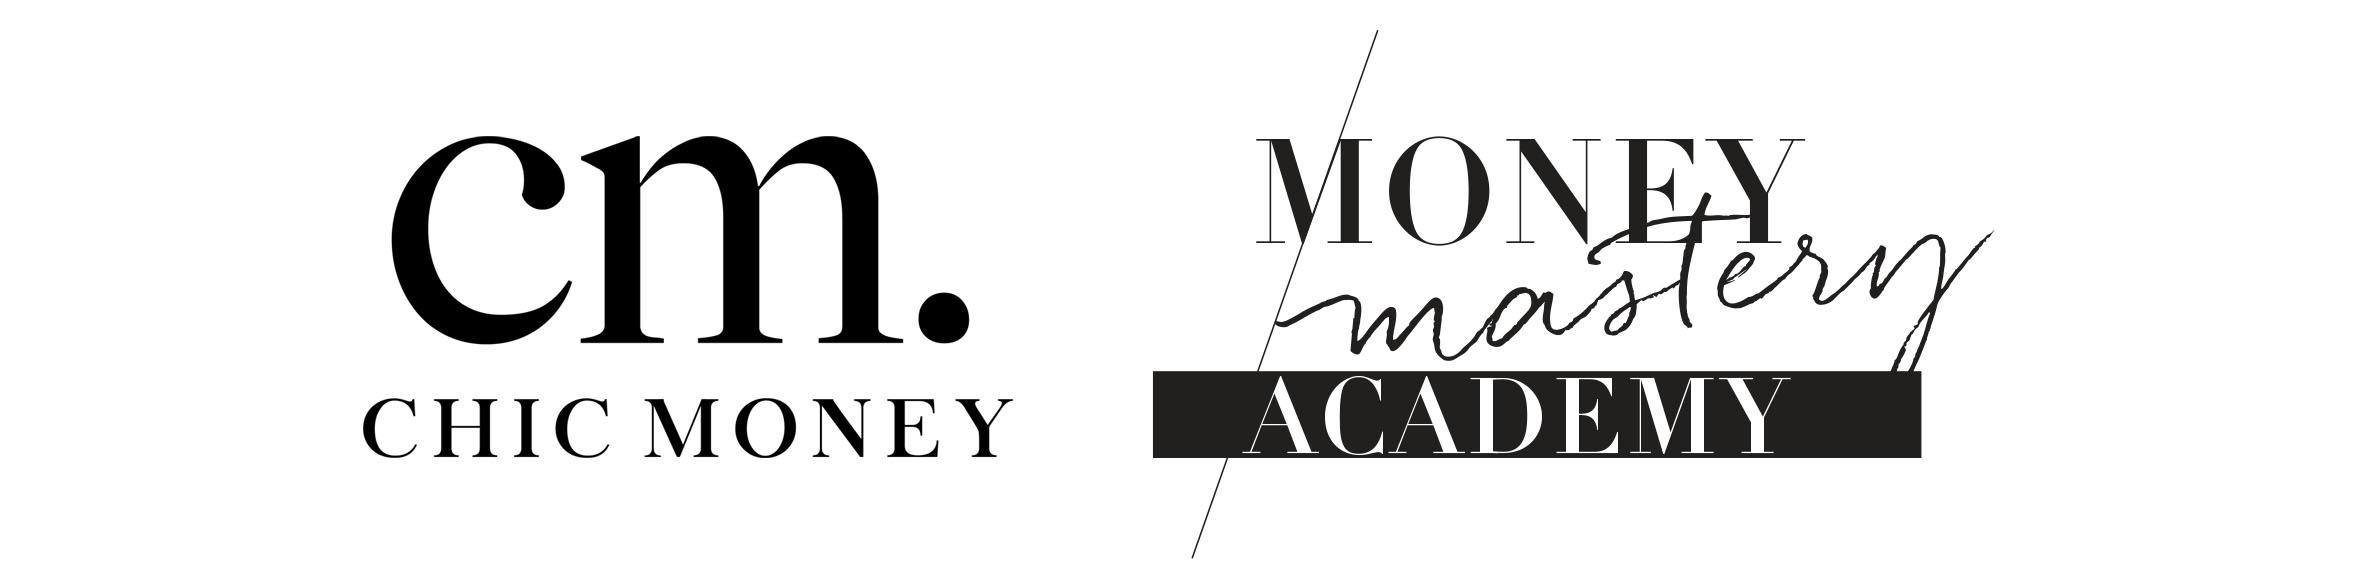 ChicMoney+MoneyMasteryLogo-blk-white.jpg